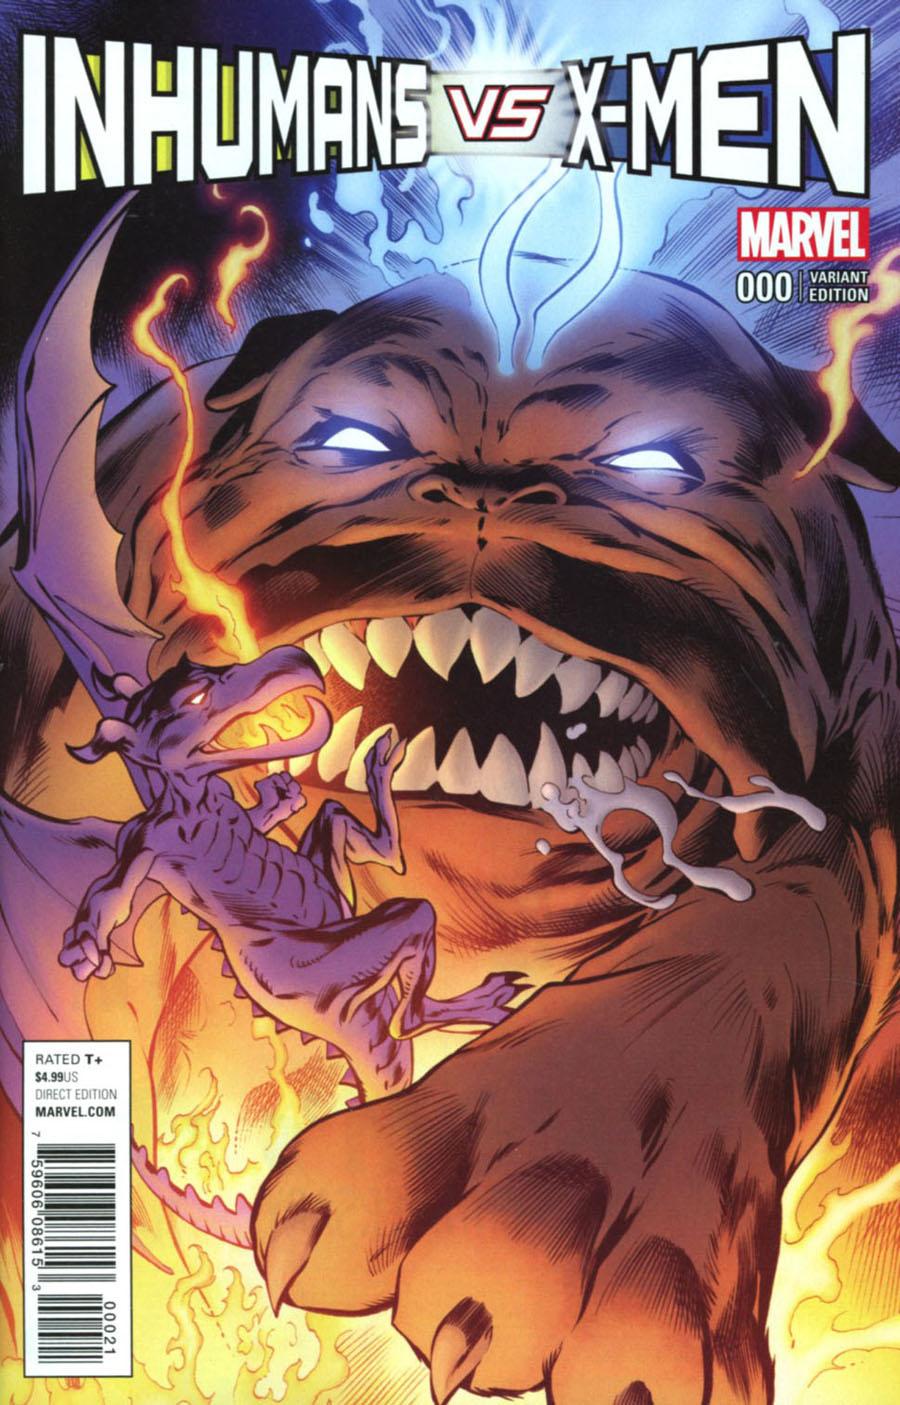 Inhumans vs X-Men #0 Cover B Variant Alan Davis Cover